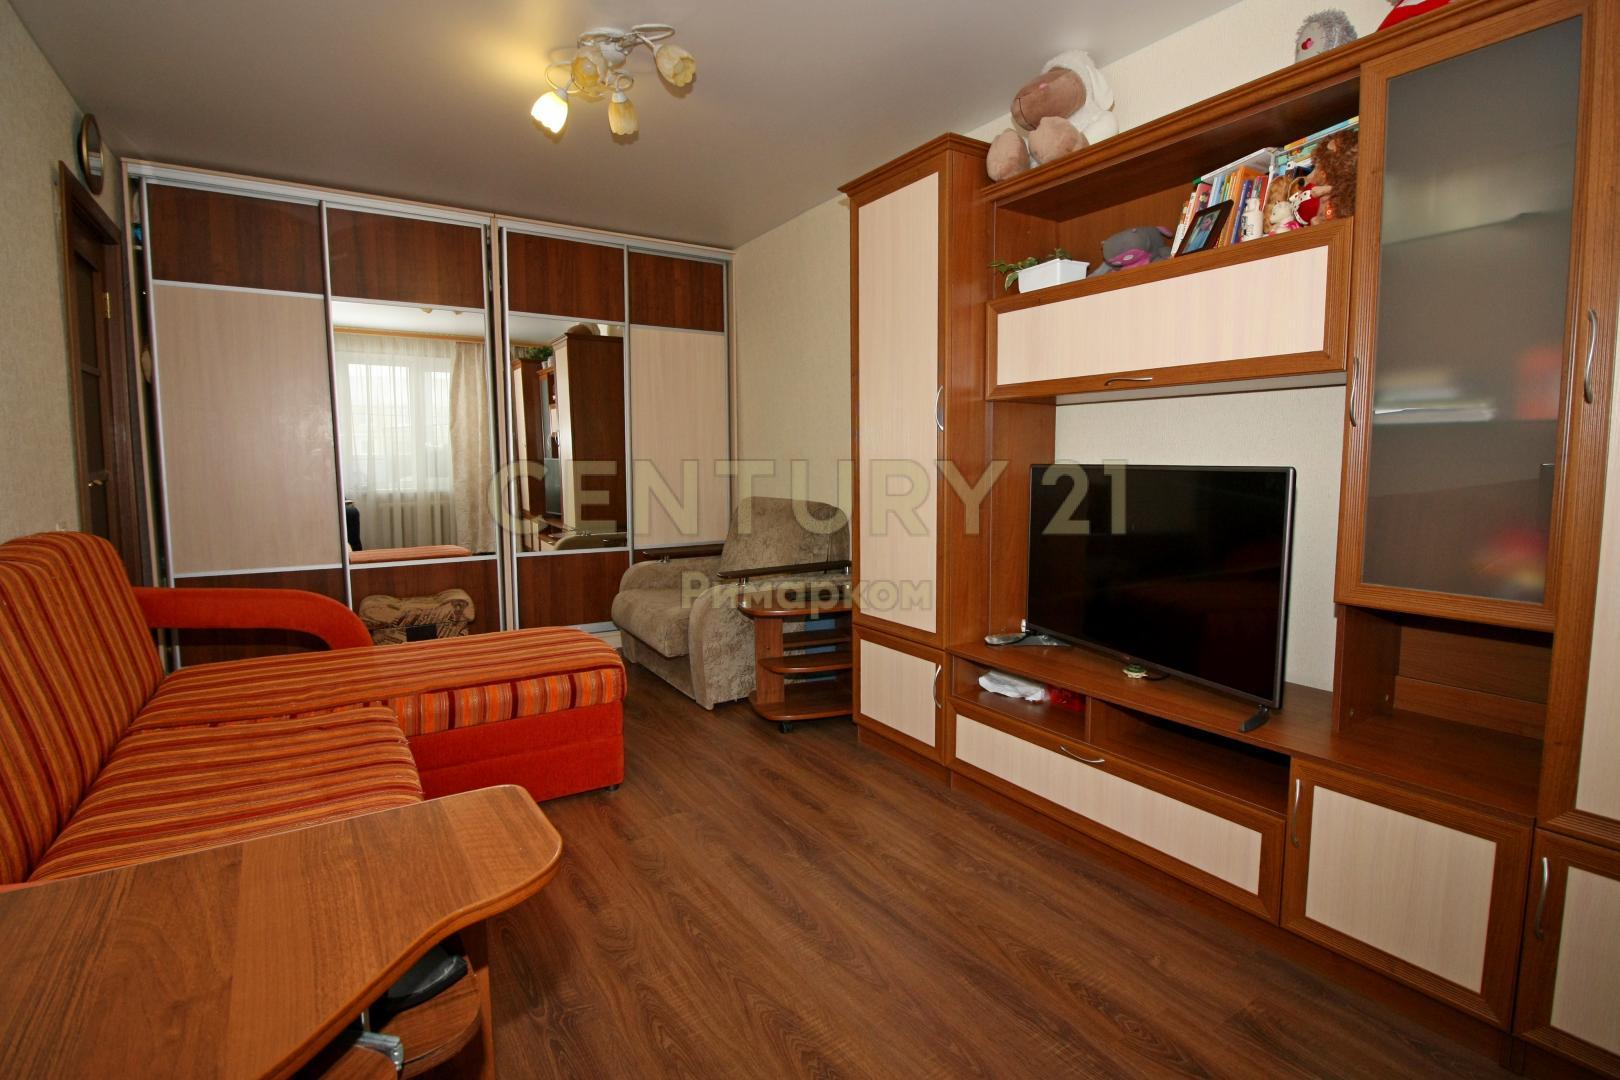 Продается однокомнатная квартира за 2 150 000 рублей. Московская обл, г Чехов, деревня Мещерское, д 14.